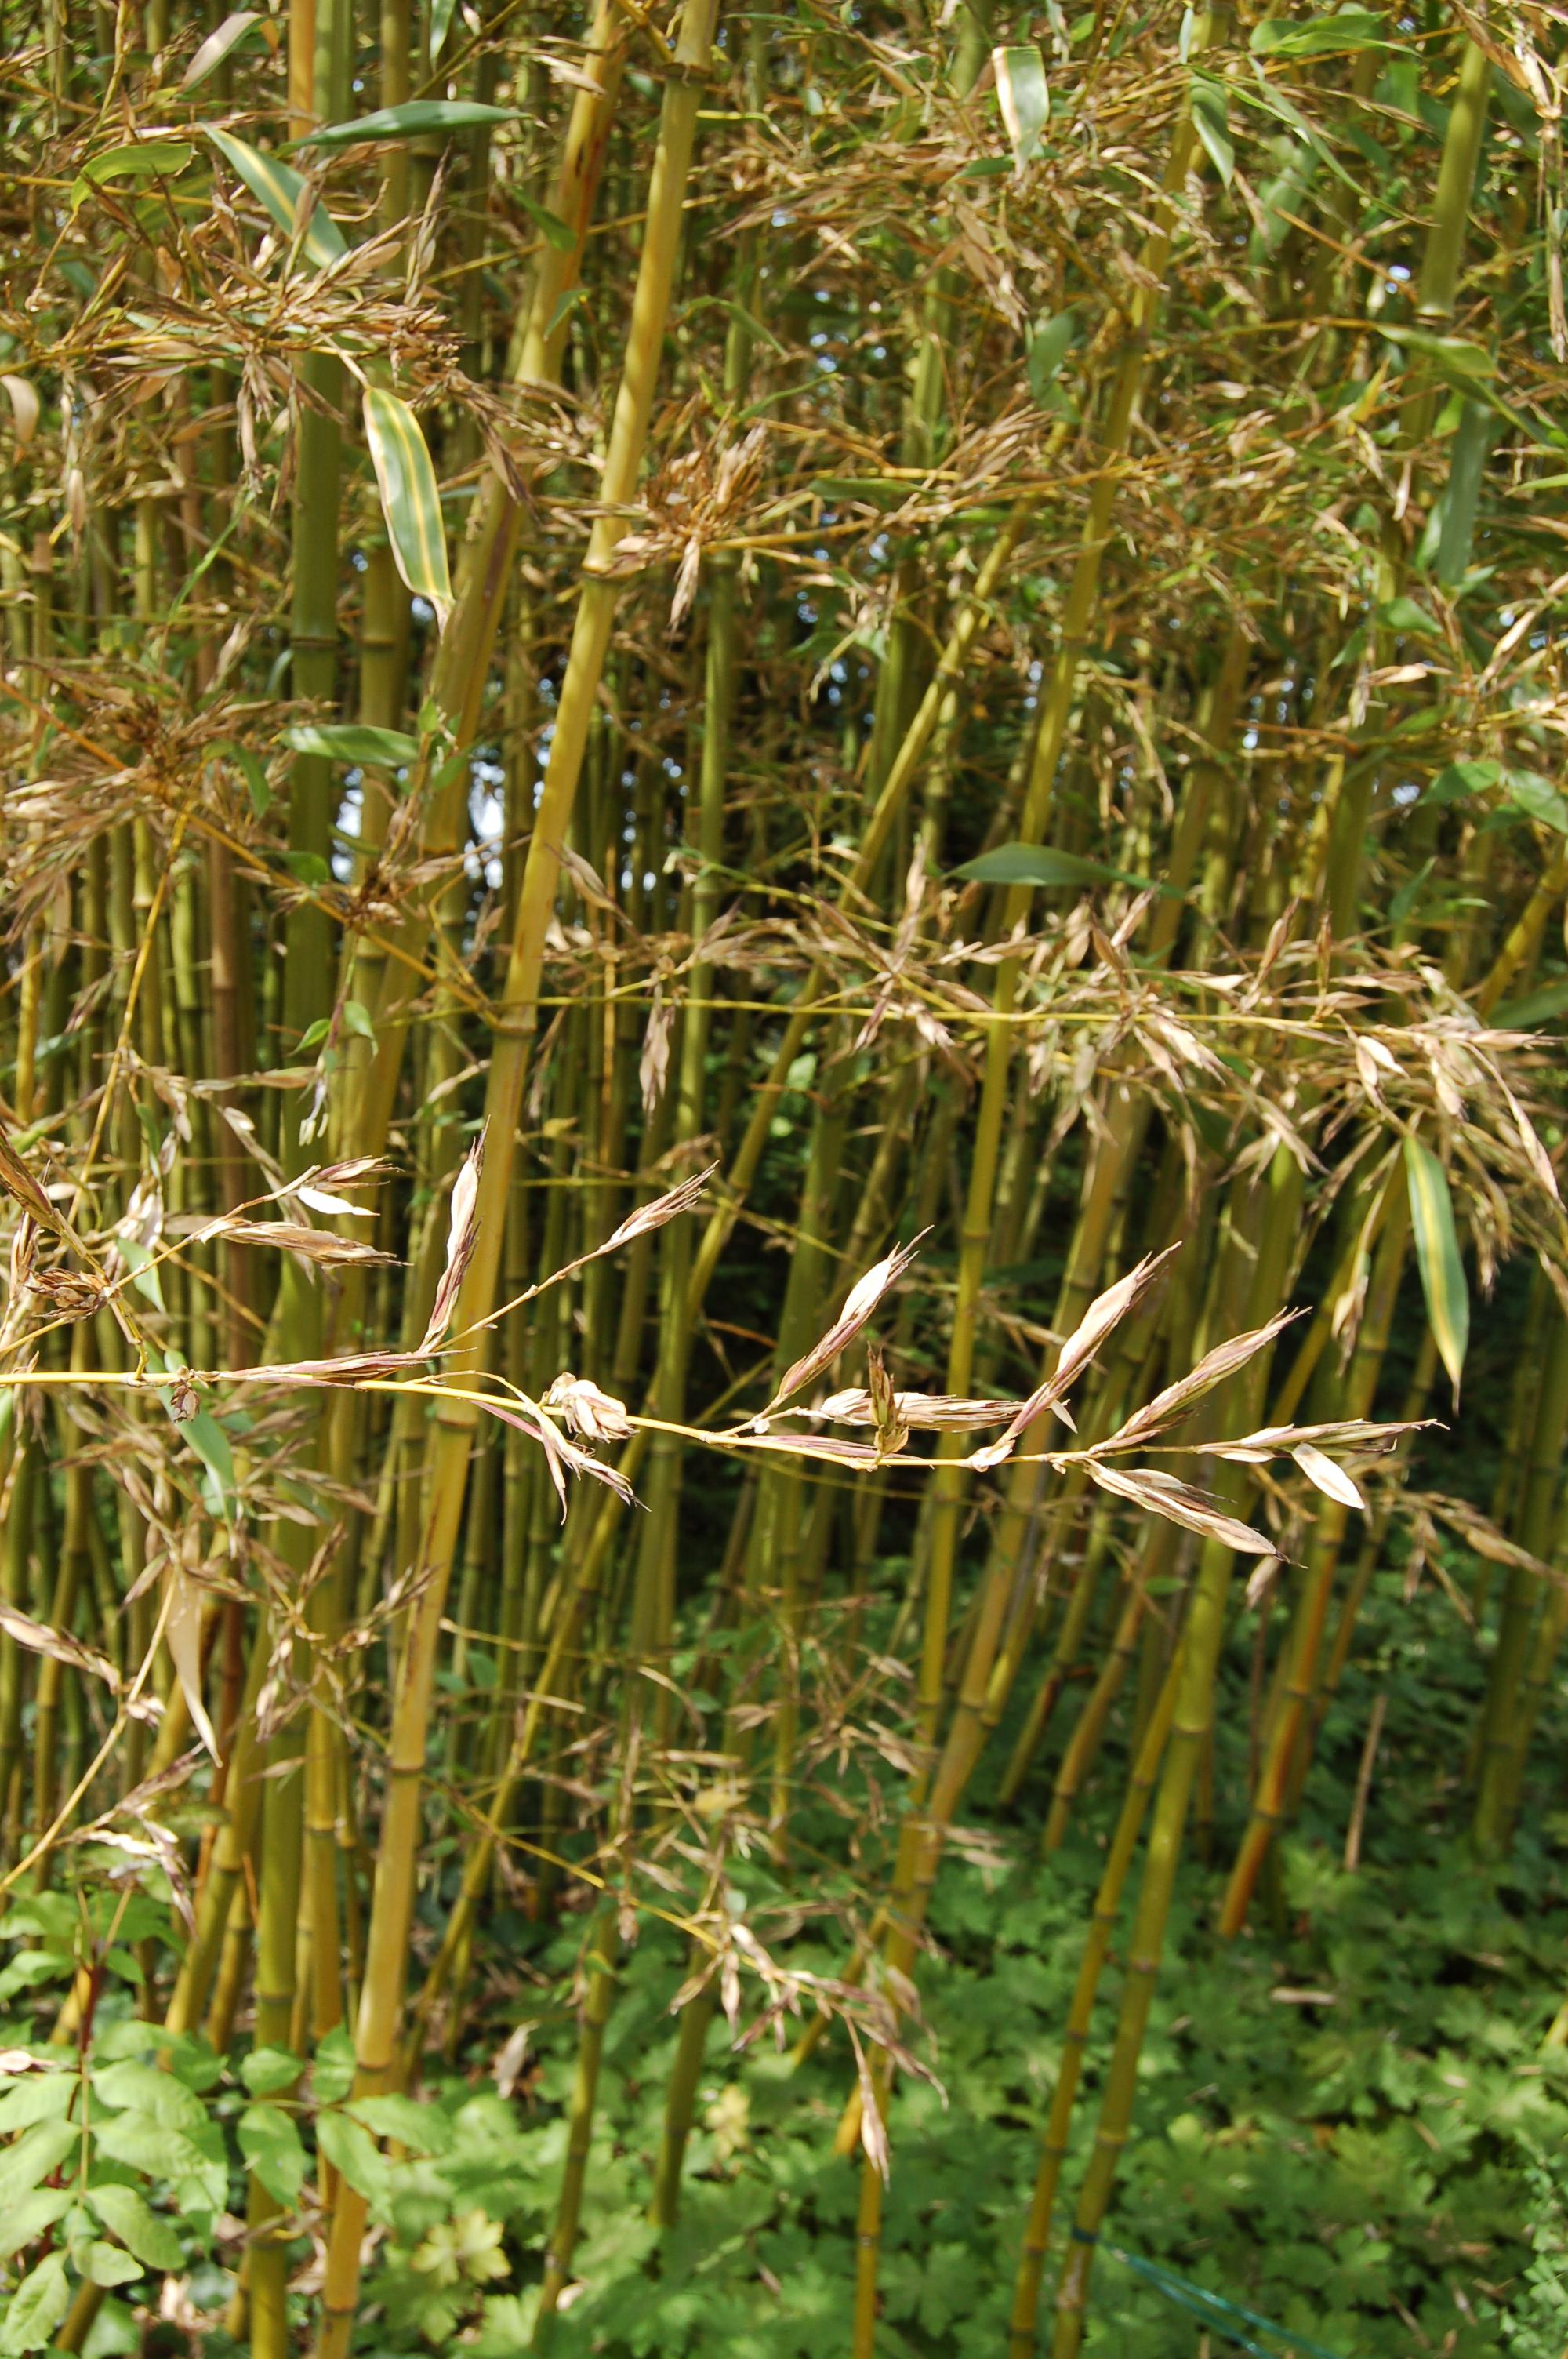 Fabelhaft Bambus-Blüte | bambus-deutschland.de &XY_39